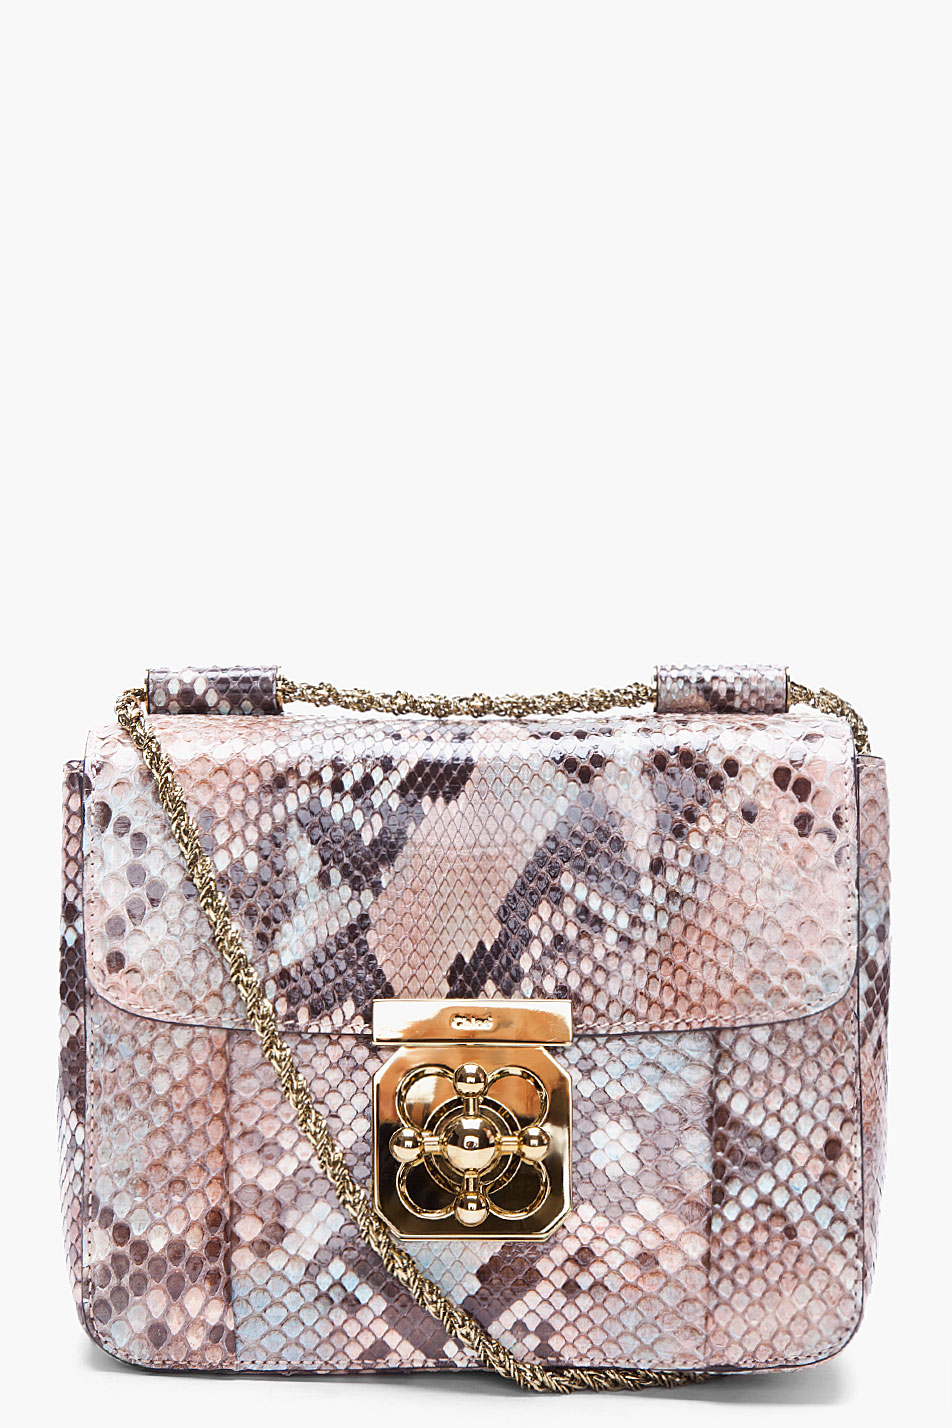 real chloe handbags - elsie mini bag in python